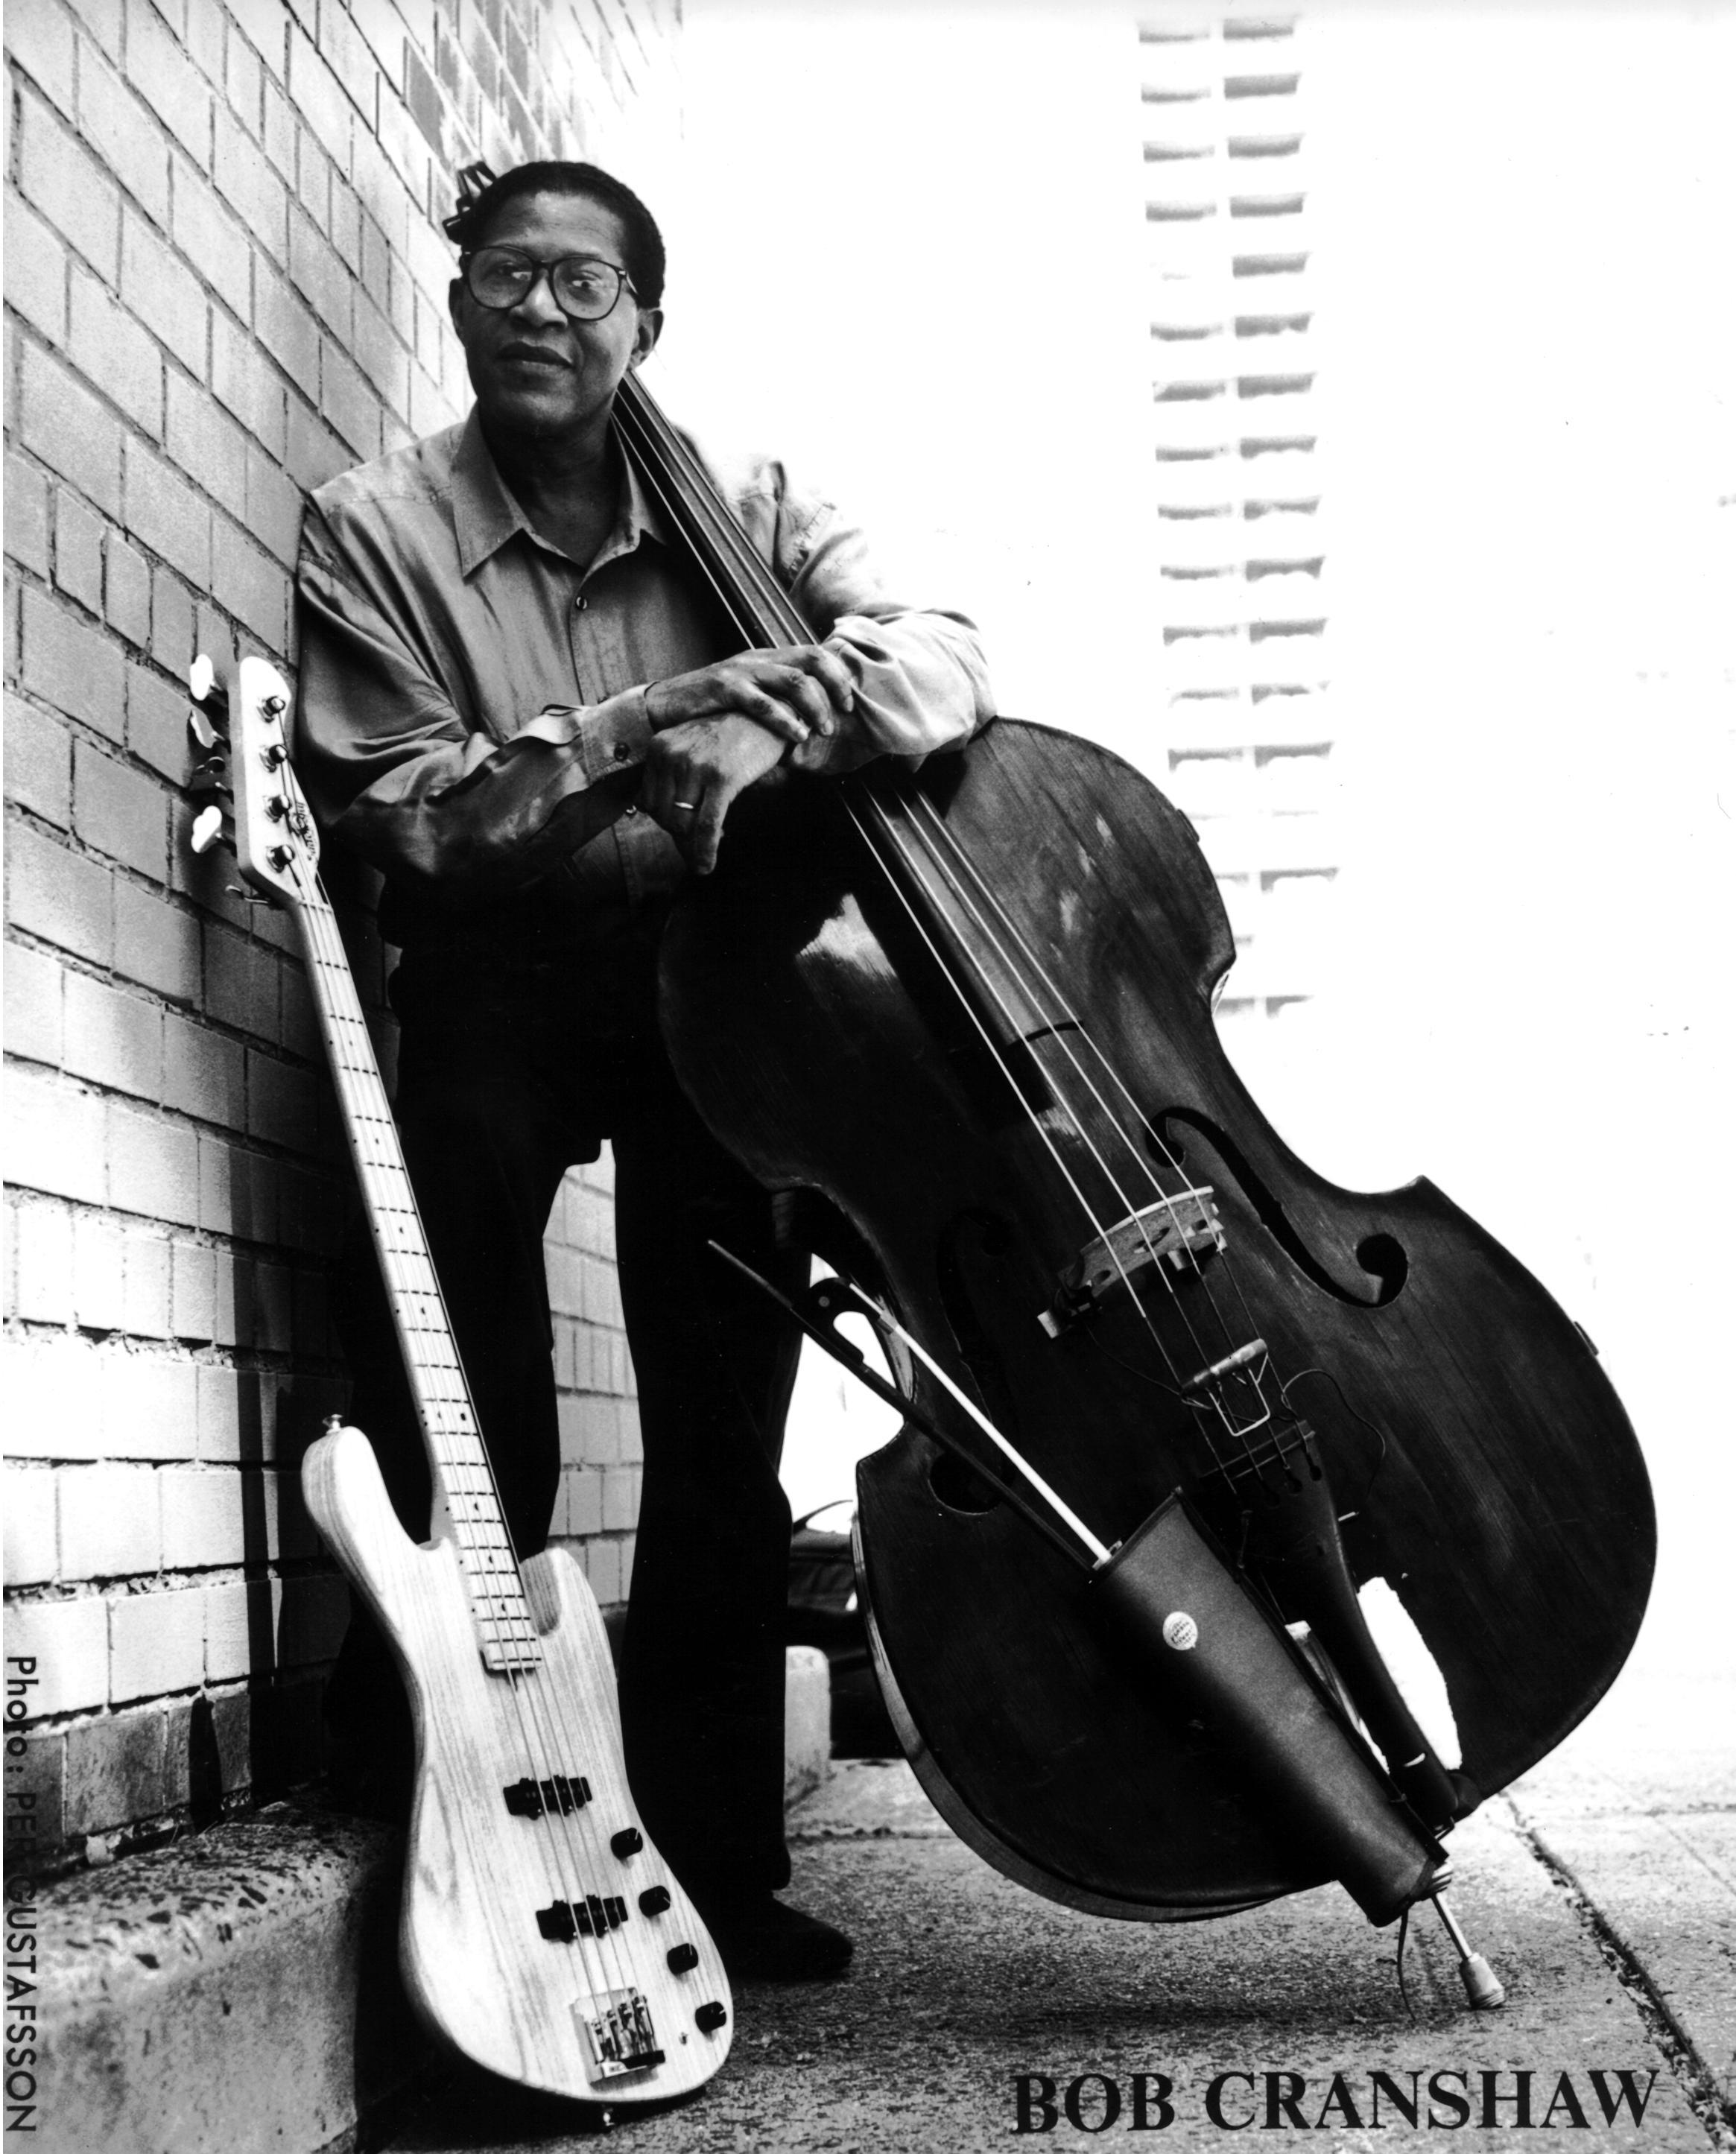 Fallece Bob Cranshaw a los 83 años #RIP